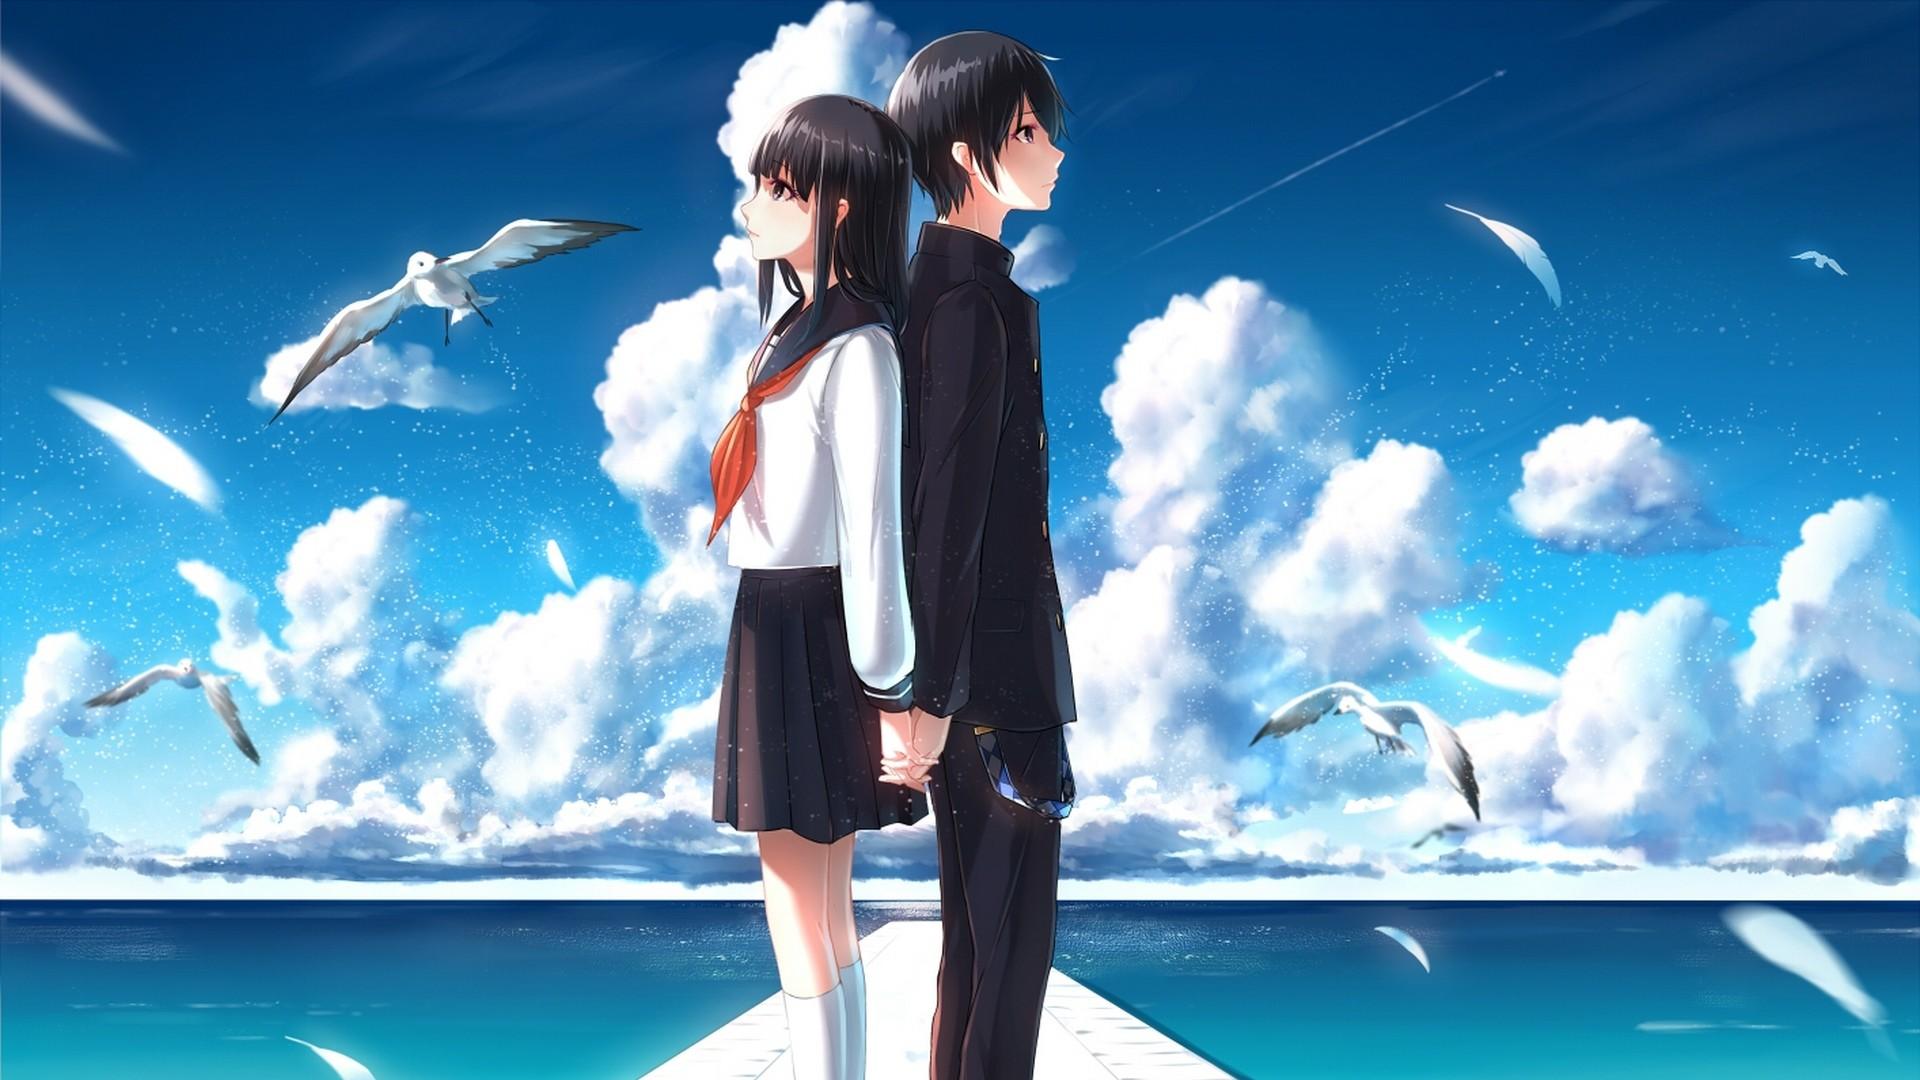 Nếu là một fan của Anime thì bạn không nên bỏ qua bộ sưu tập hình ảnh về tình yêu này đâu. Bởi vì đây là những hình ảnh Anime đẹp nhất ...